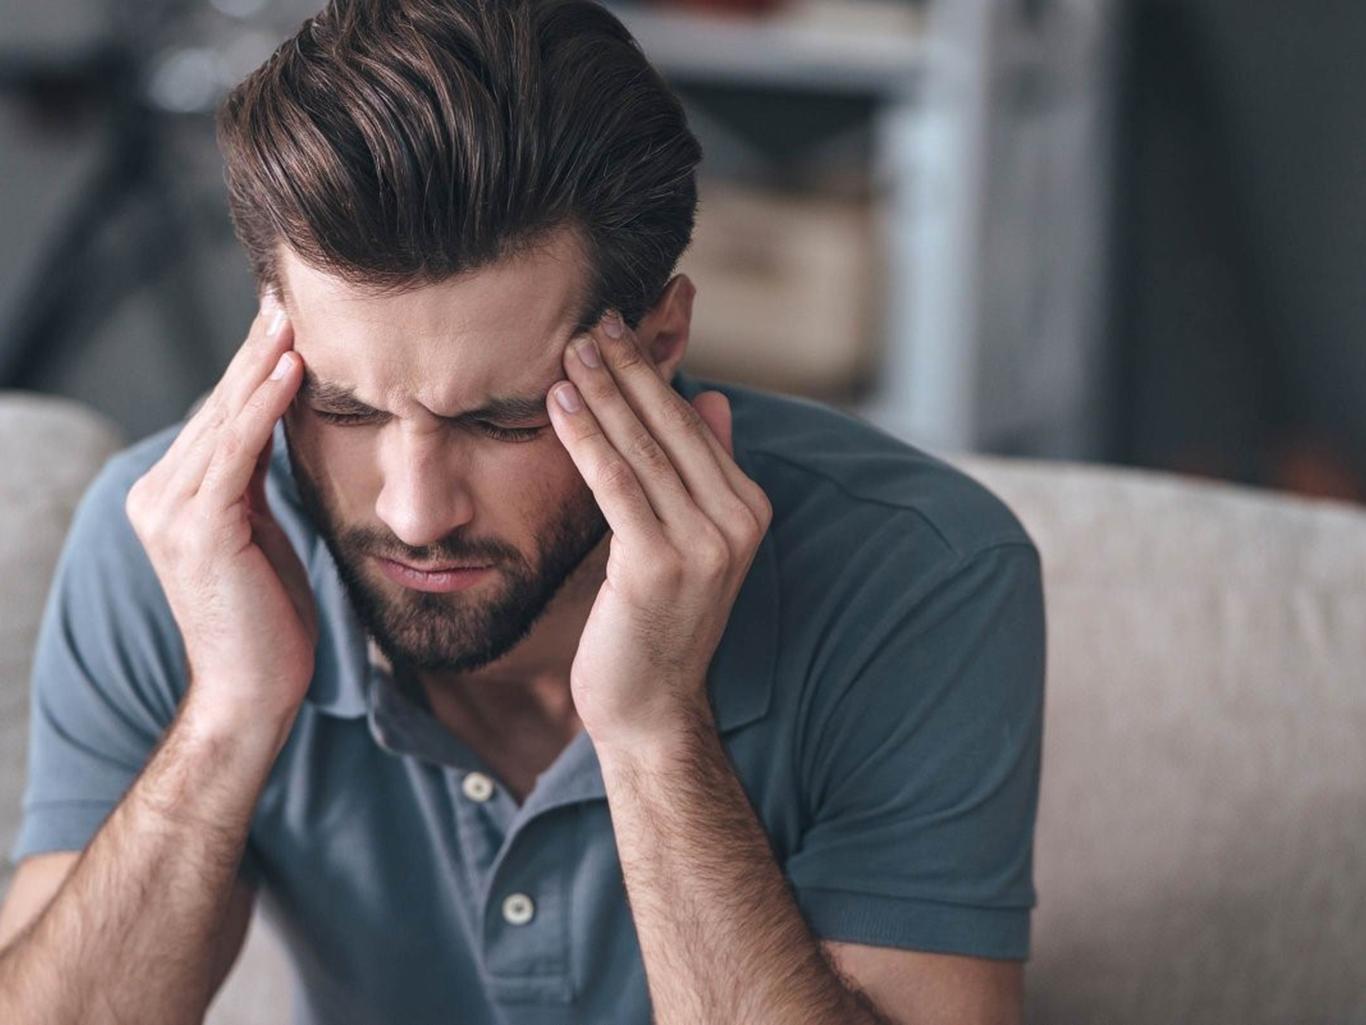 Шесть распространенных типов головной боли и методы их устранения